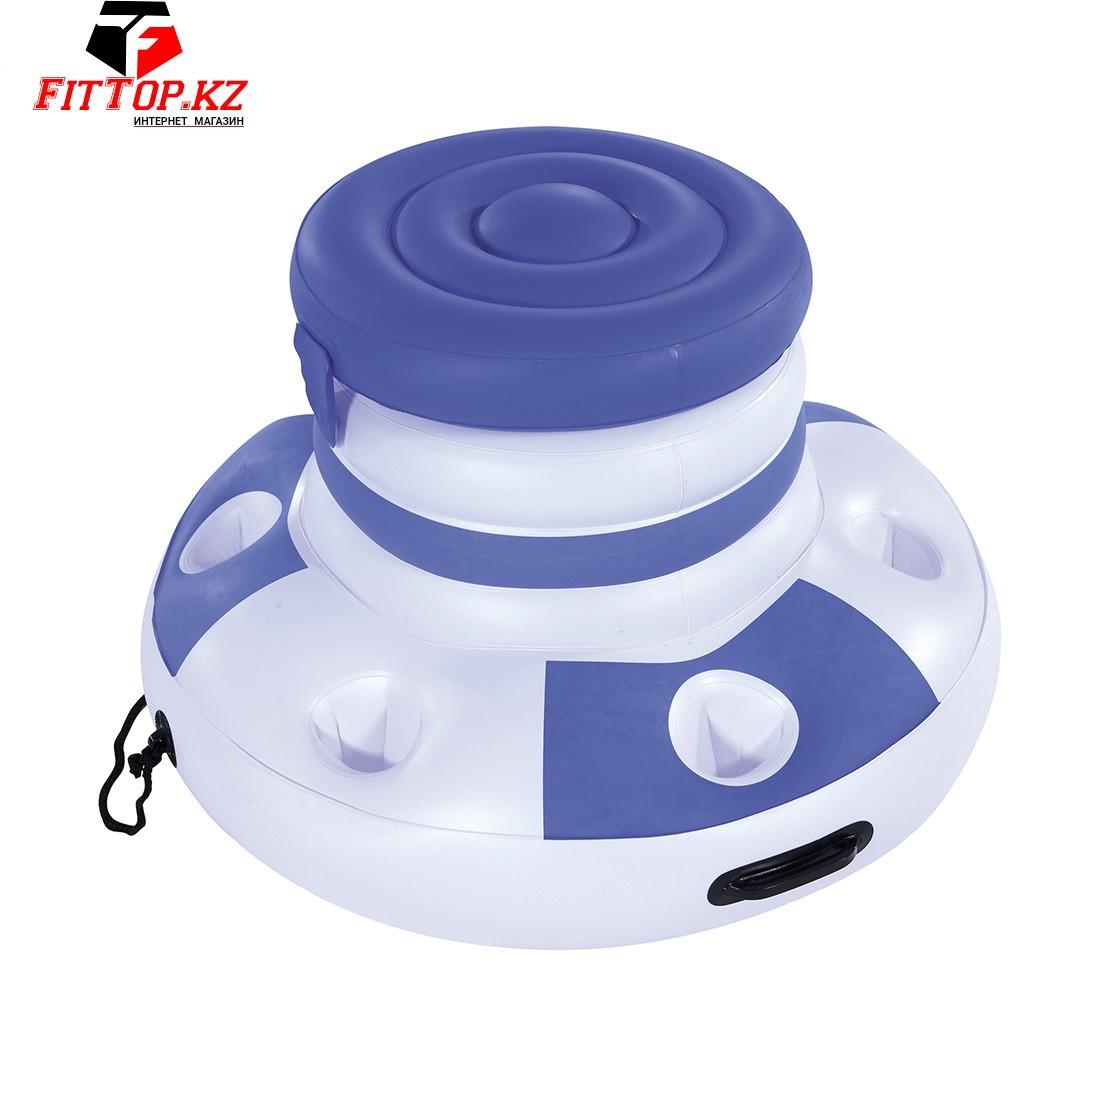 Надувной плавающий термоконтейнер для напитков CoolerZ Floating Cooler 70 см, BESTWAY, 43117